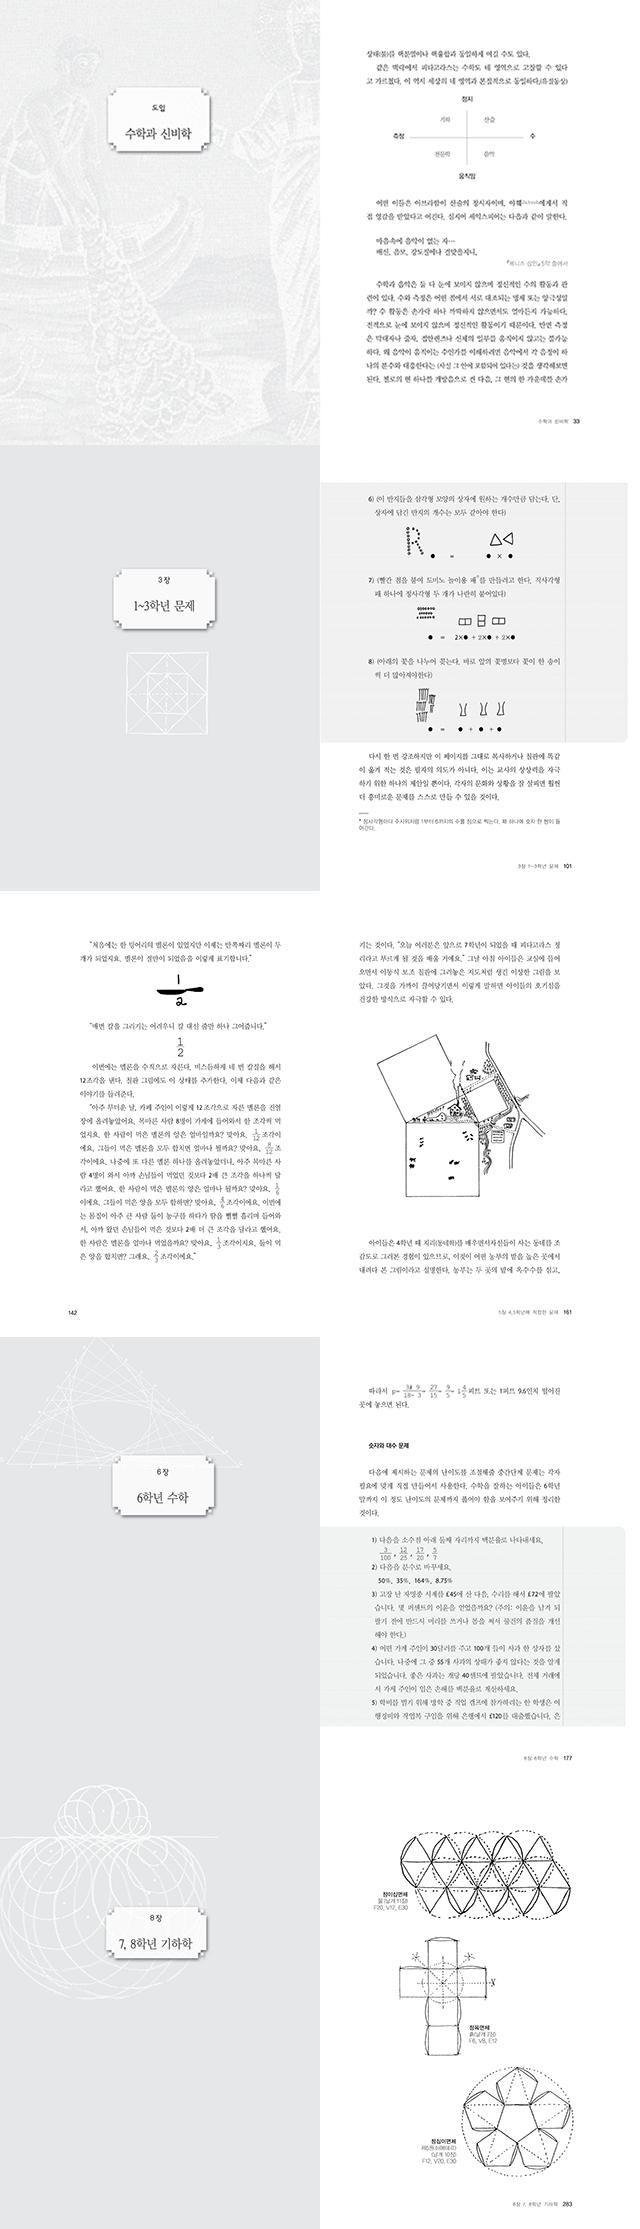 발도르프학교의 수학_상세이미지(합친것).jpg